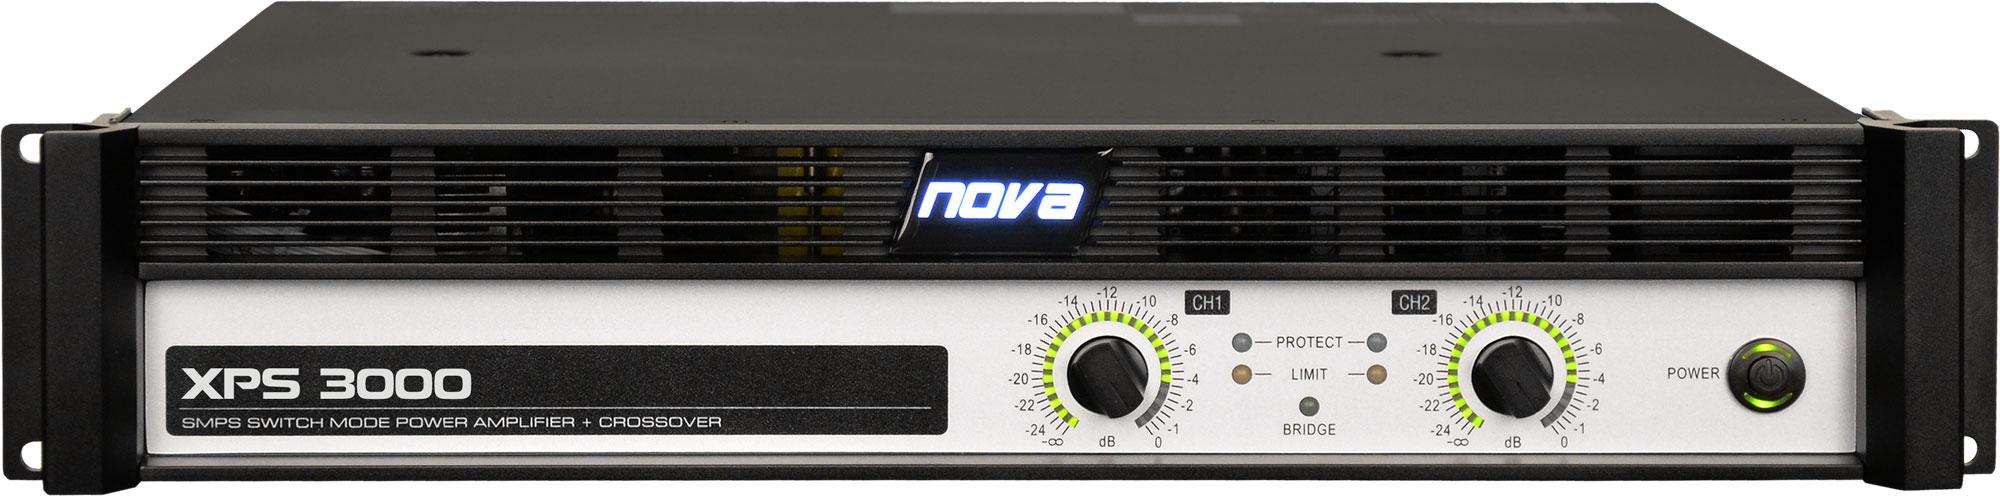 NOVA XPS 3000